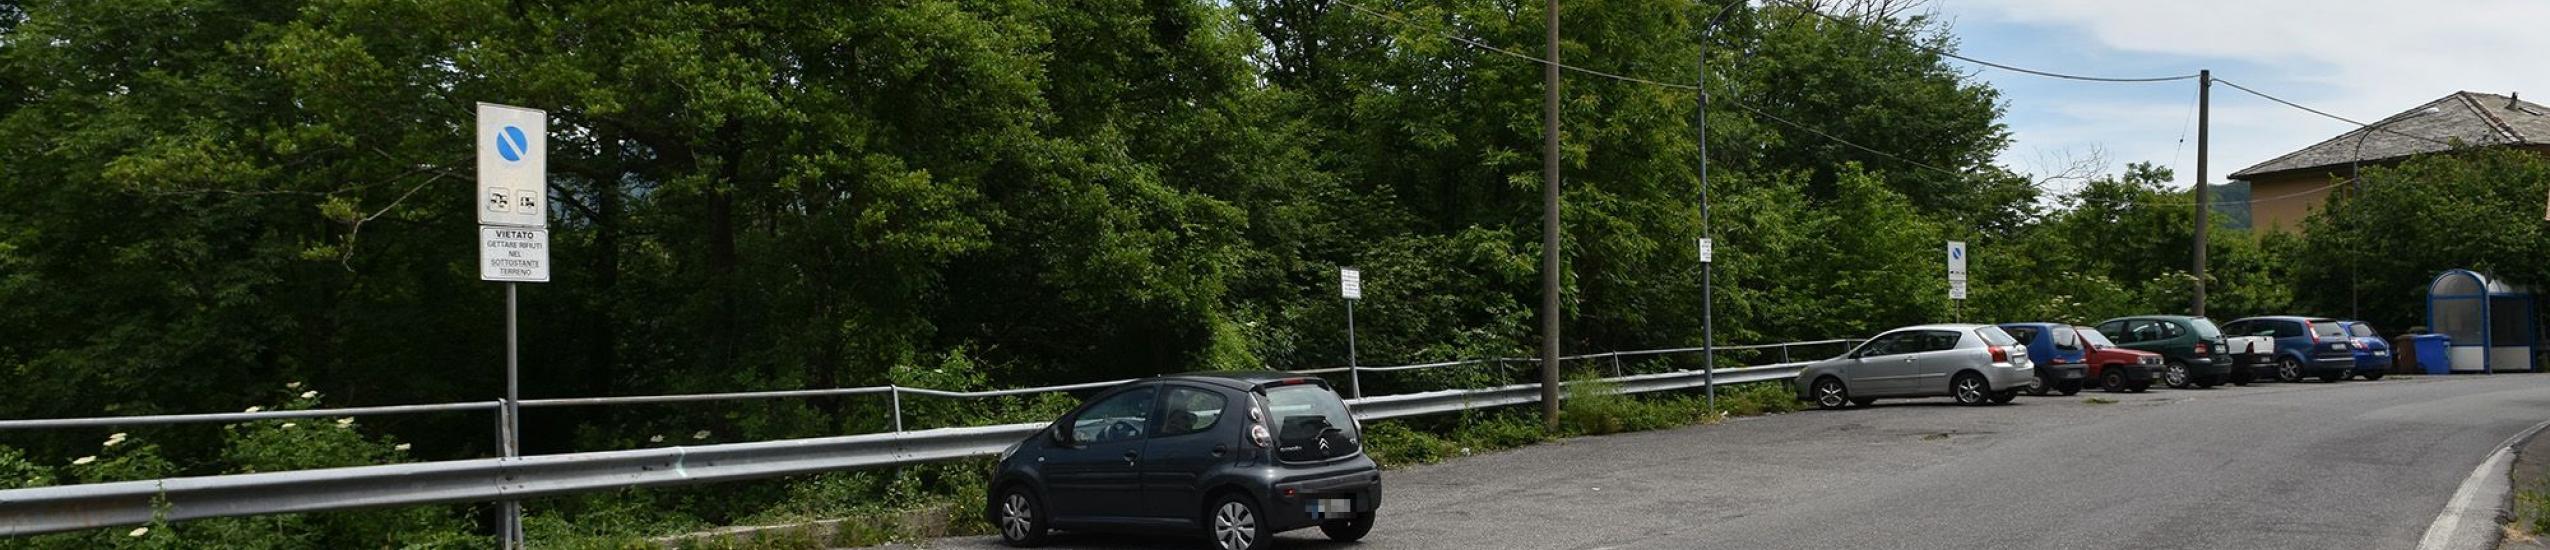 Parcheggio pubblico Lumarzo